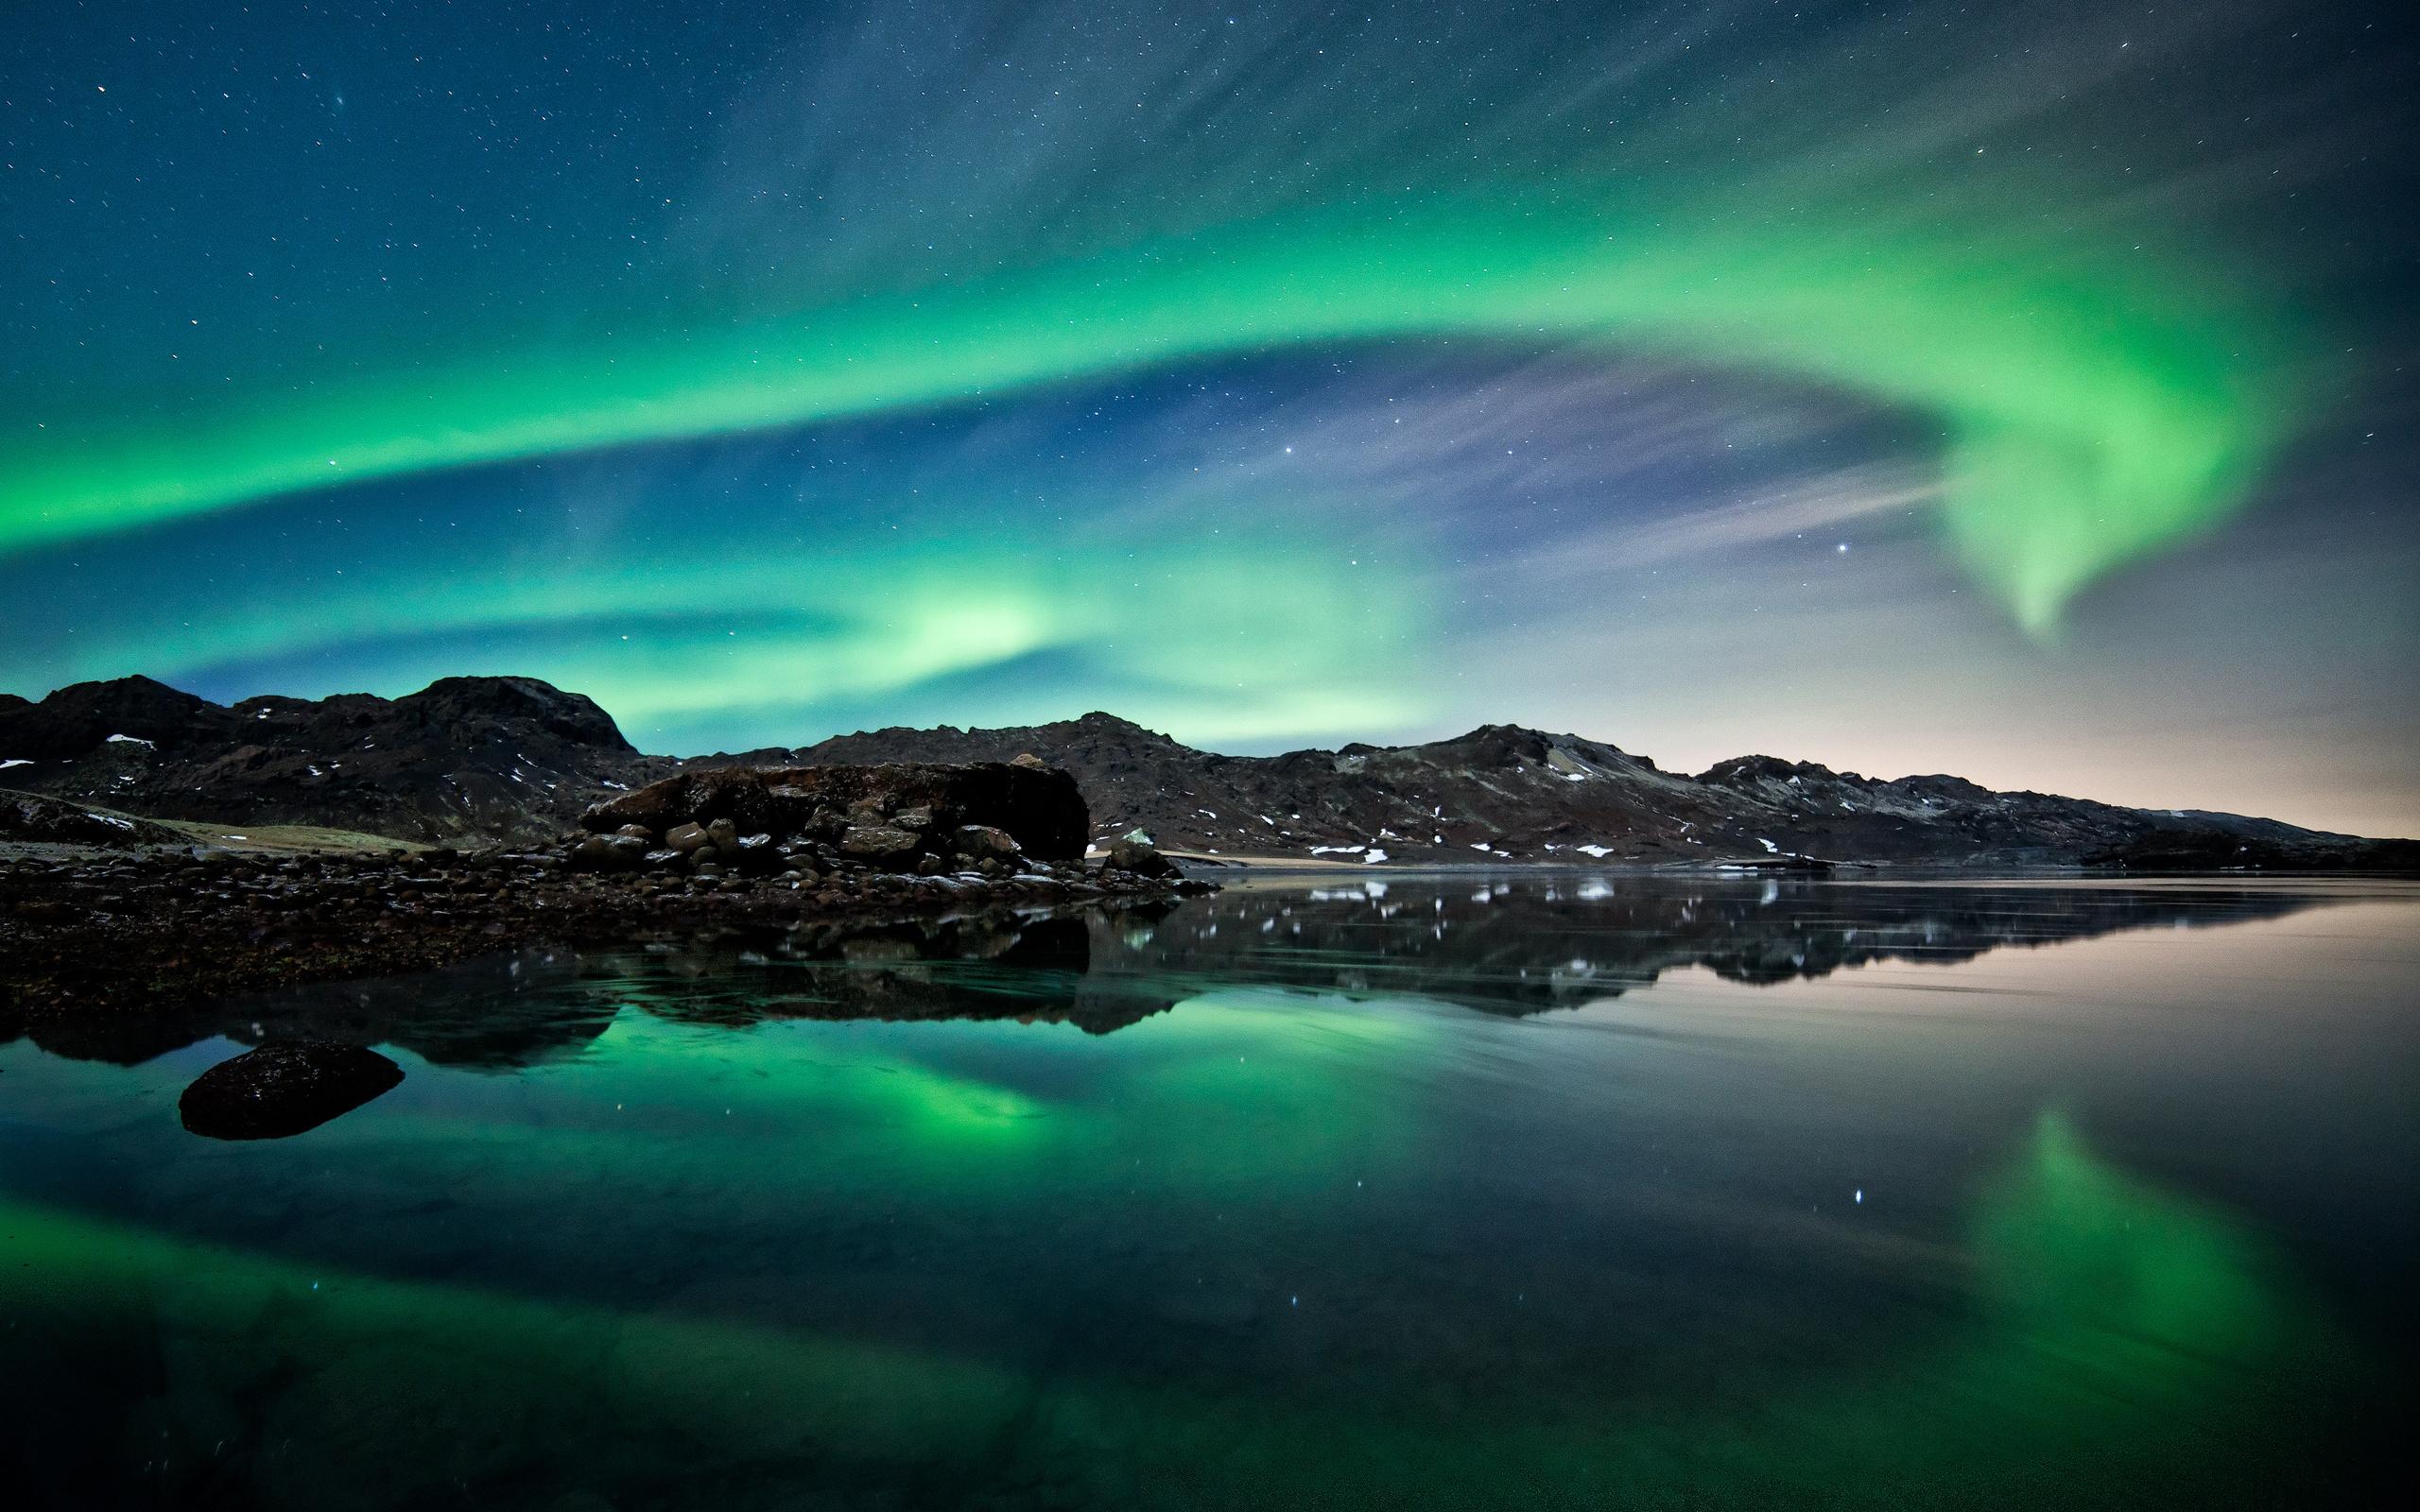 Aurora boreale sfondi per pc 2560x1600 id 387334 for Sfondi desktop aurora boreale